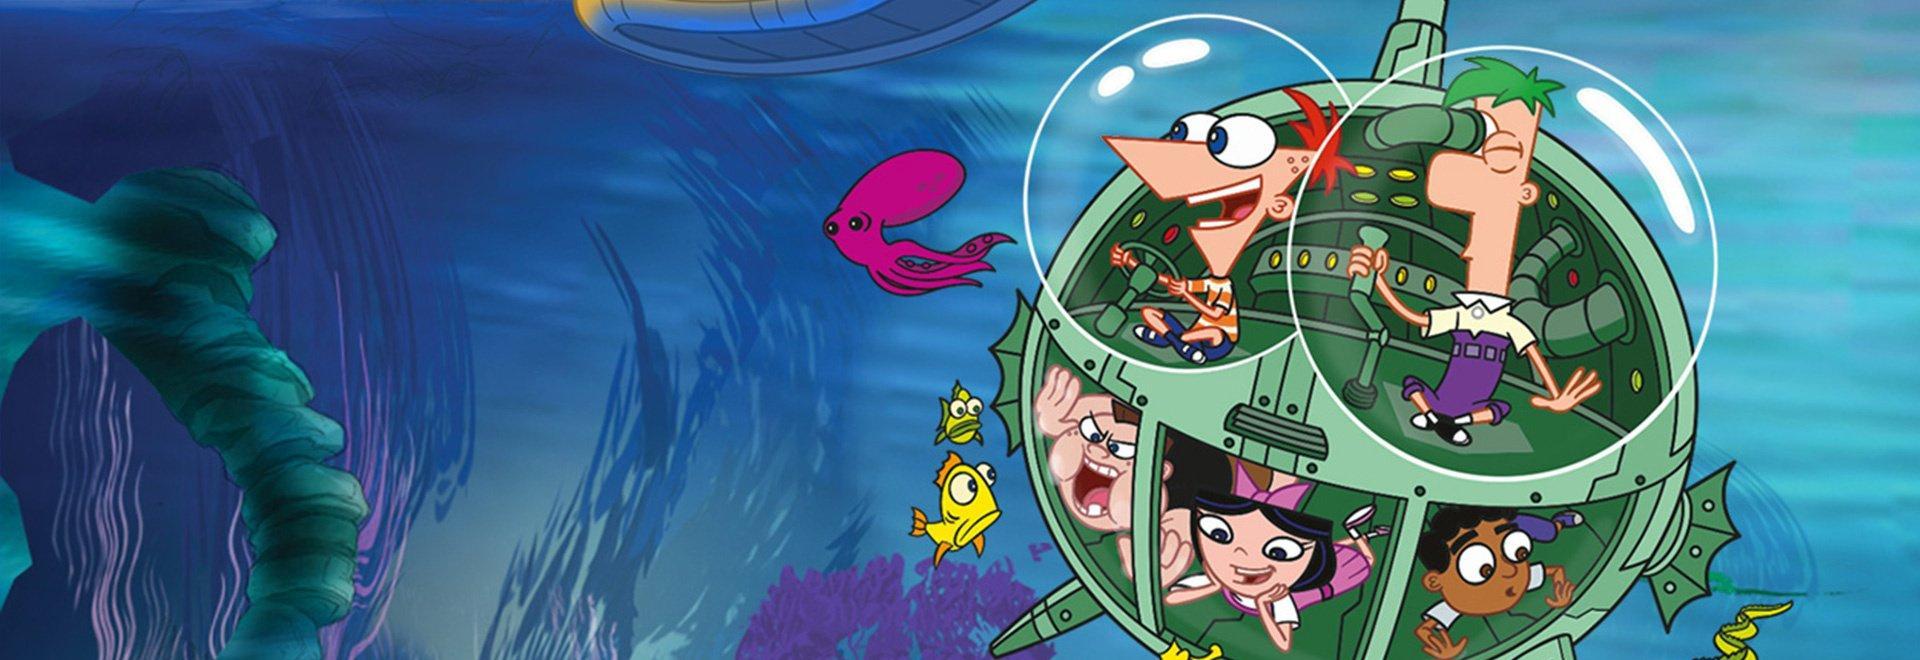 Phineas & Ferb: Salviamo l'estate. 2a parte